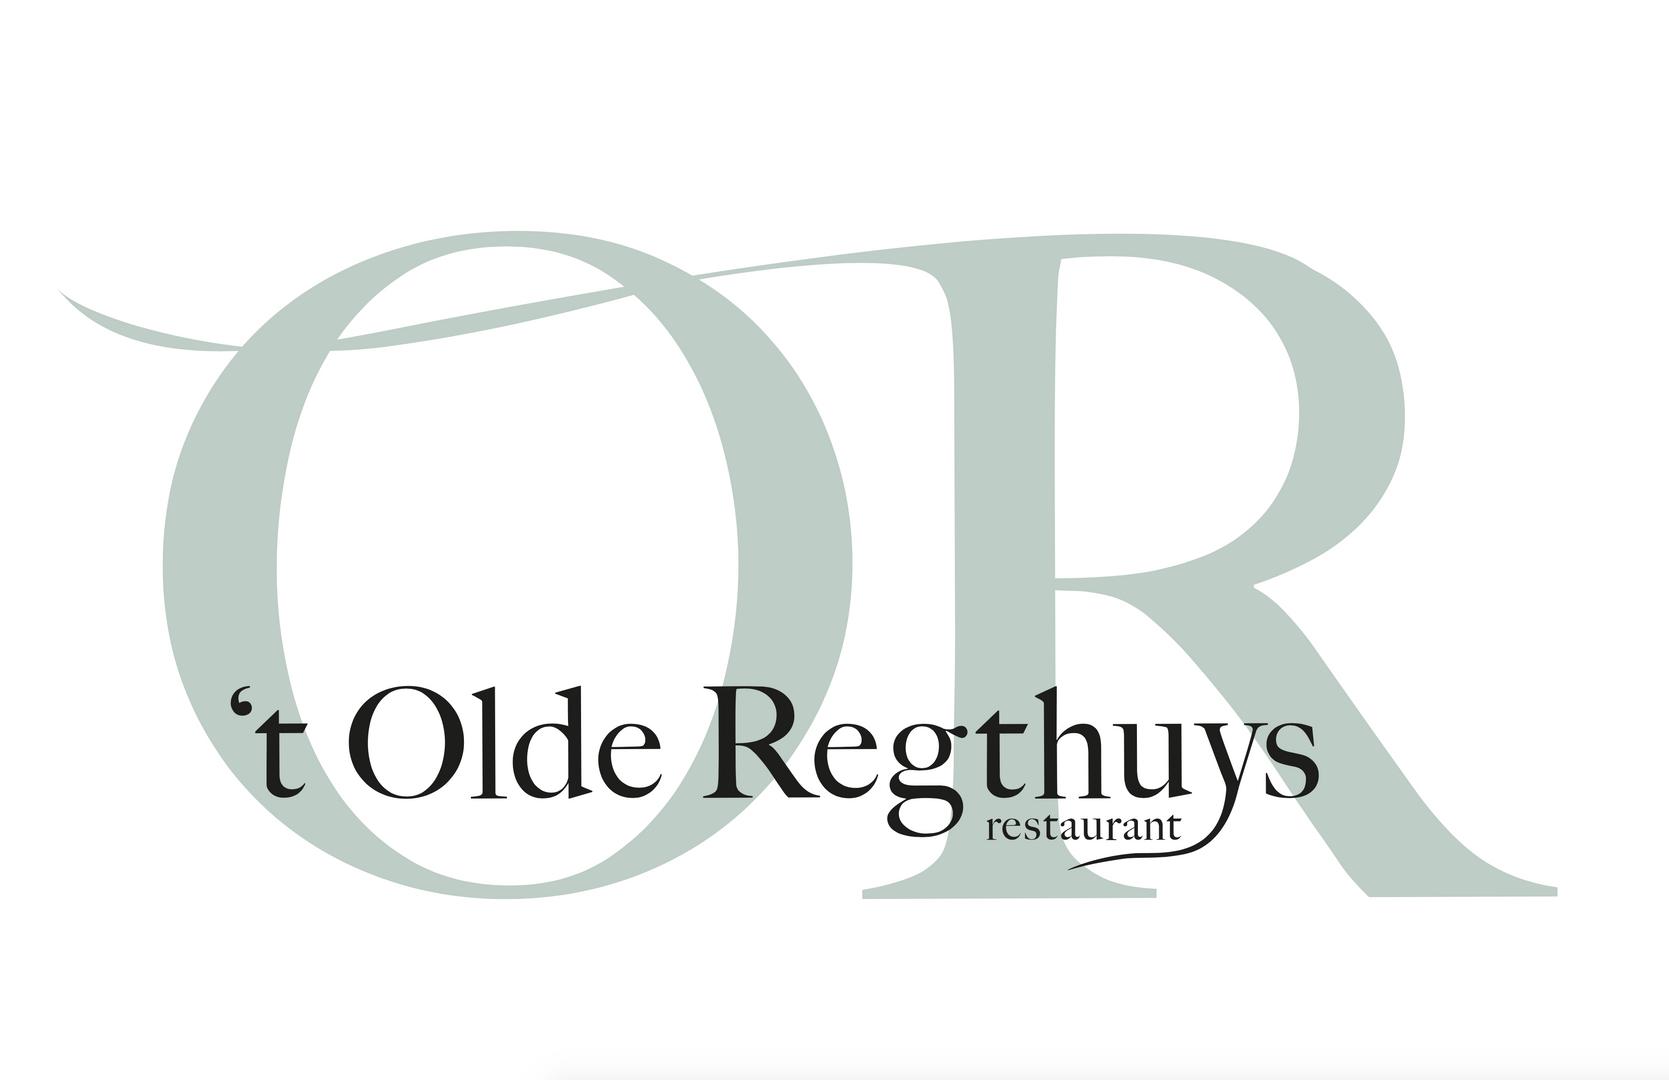 Olderegthuys_logo_sanneneuteboom.png